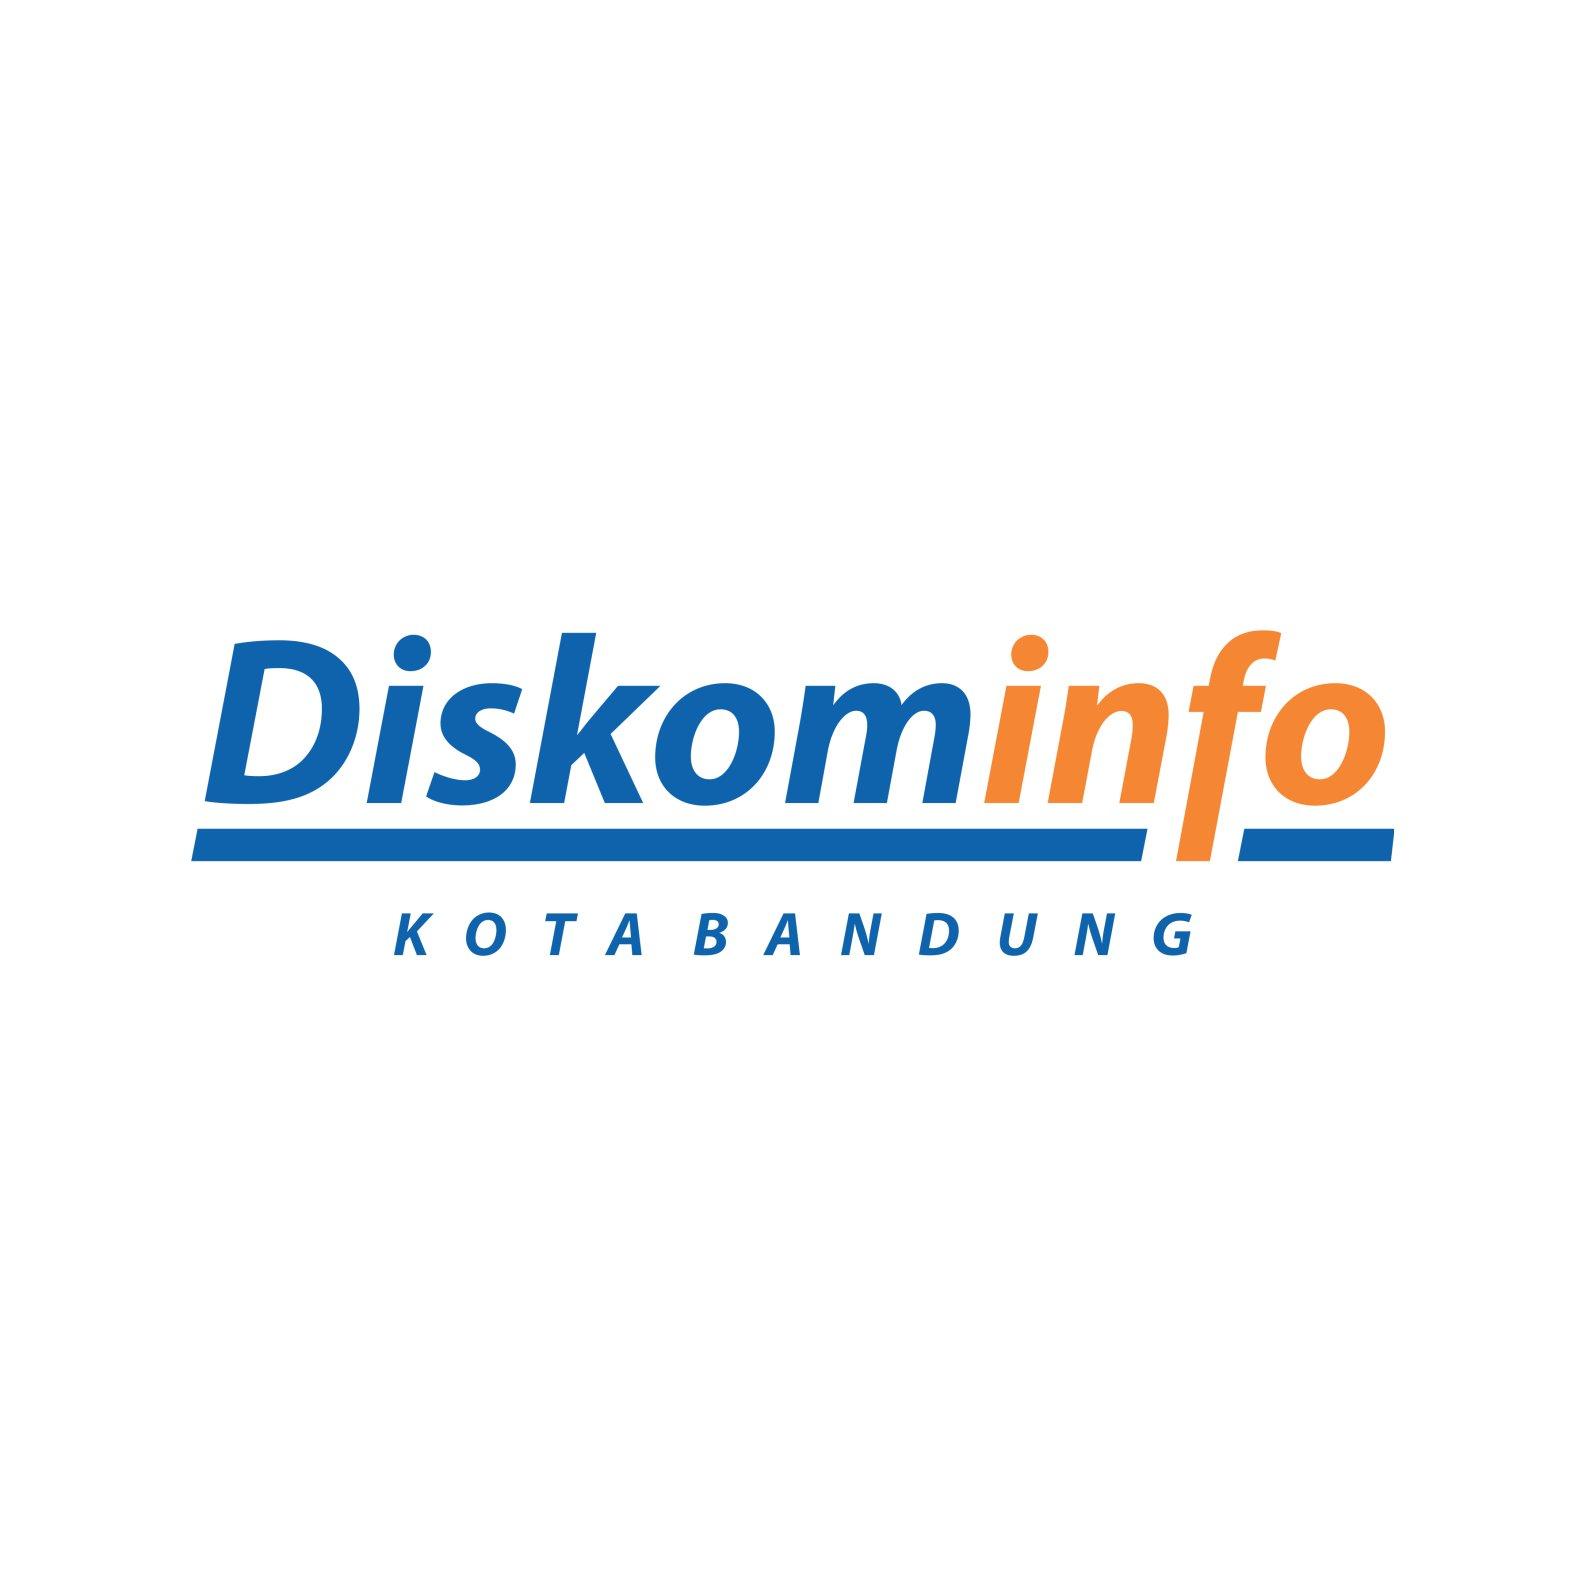 Diskominfo Kota Bdg On Twitter Diskominfo Kota Bandung Menerima Kunjungan Kerja Dari Kabupaten Jembrana Bali 30 11 17